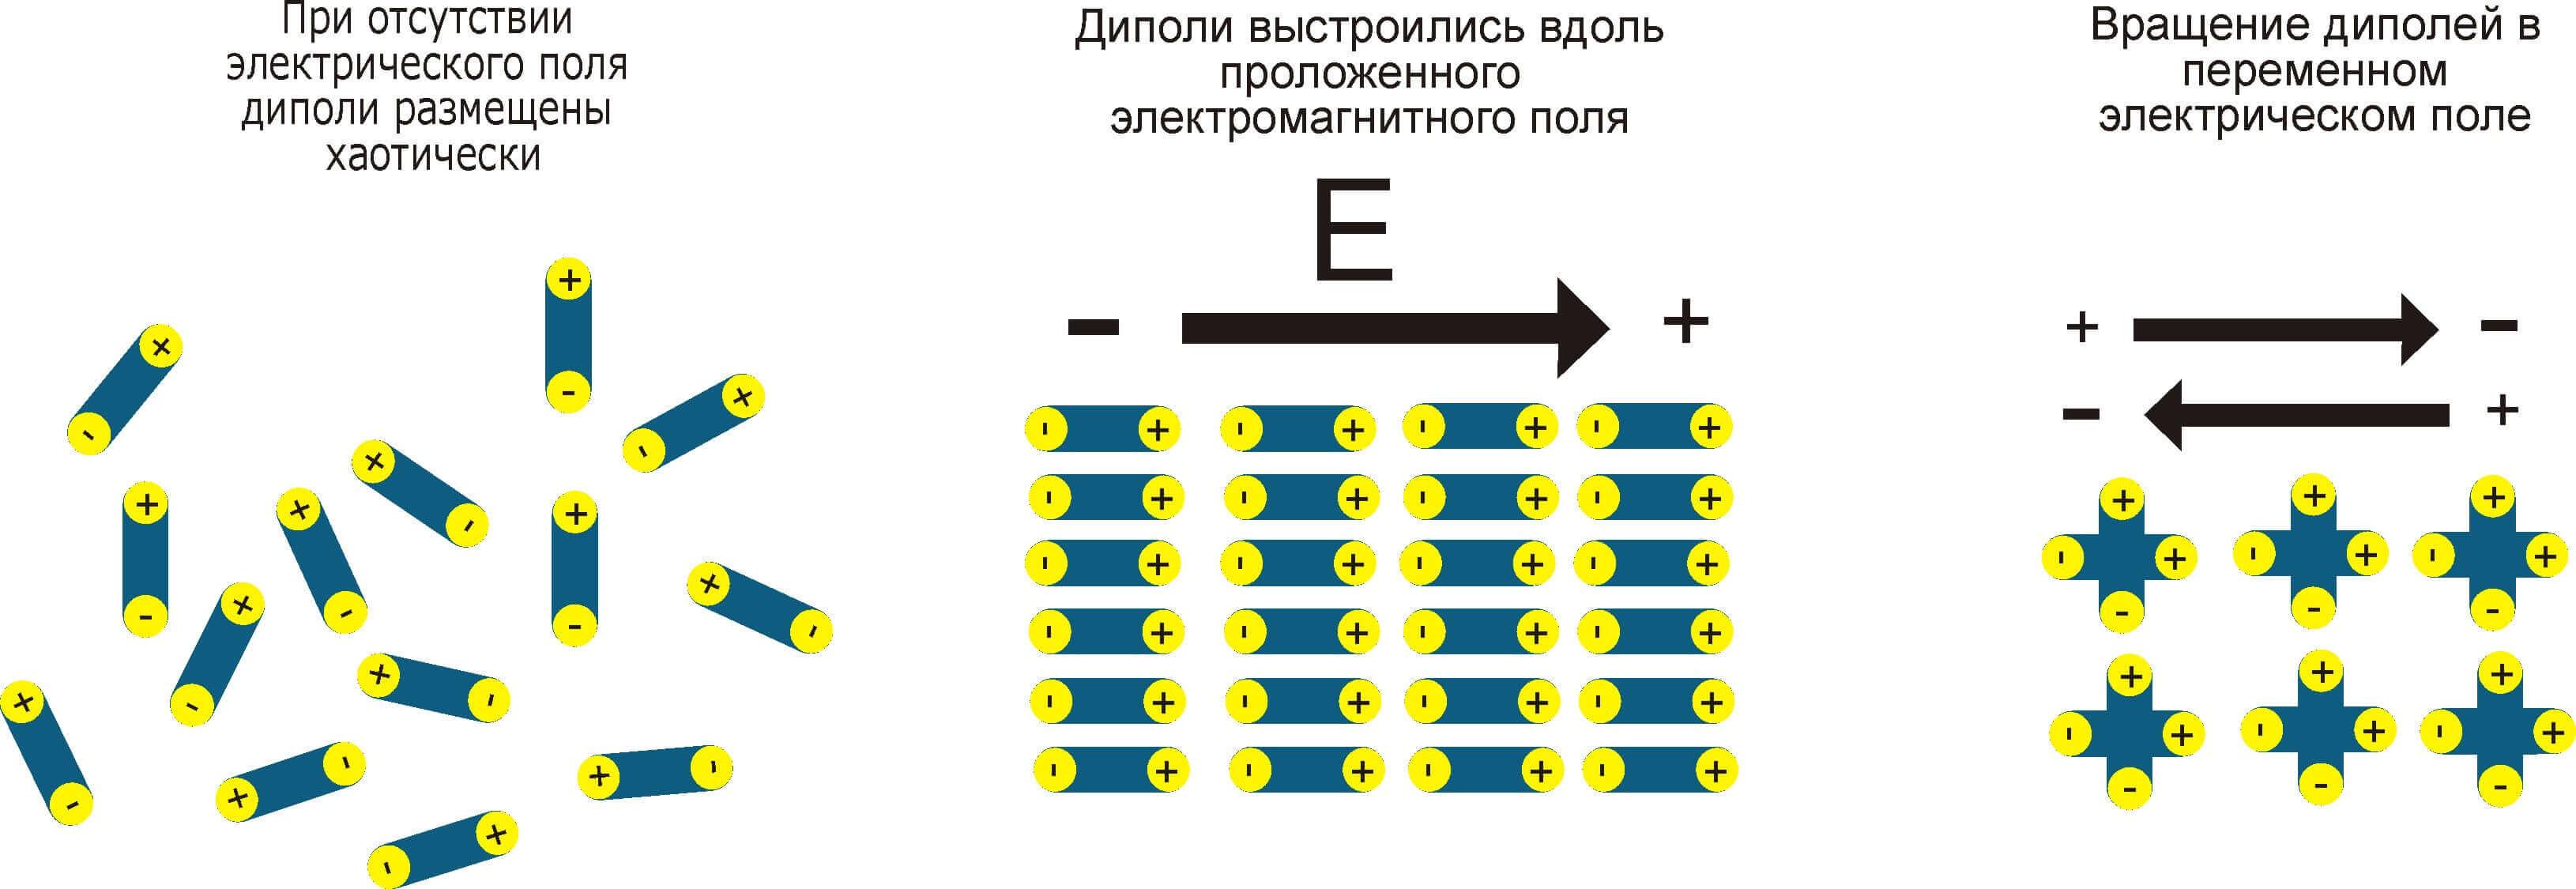 фото диполи движутся при применении электромагнитного поля